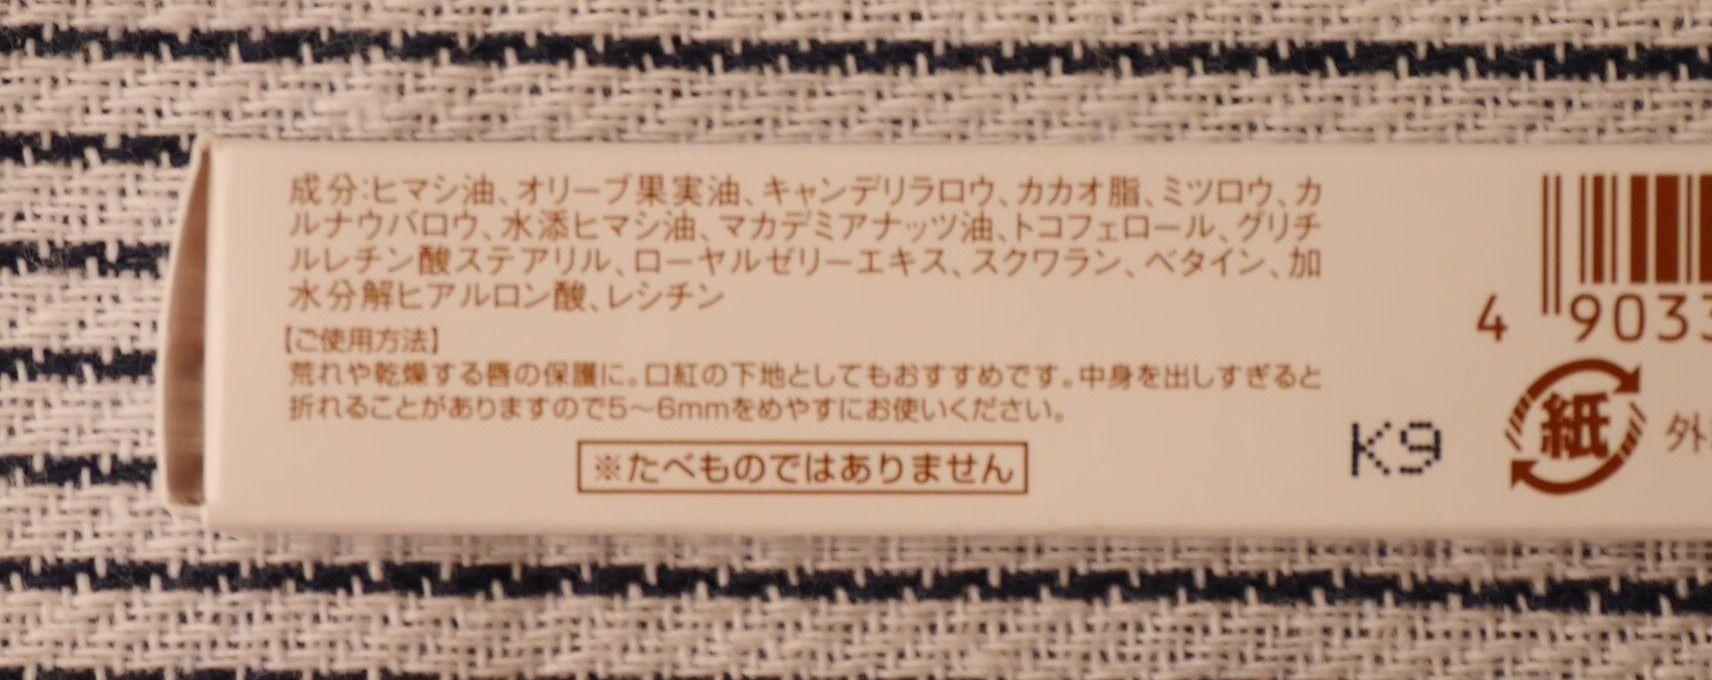 ロイズ_リップ_外箱_成分